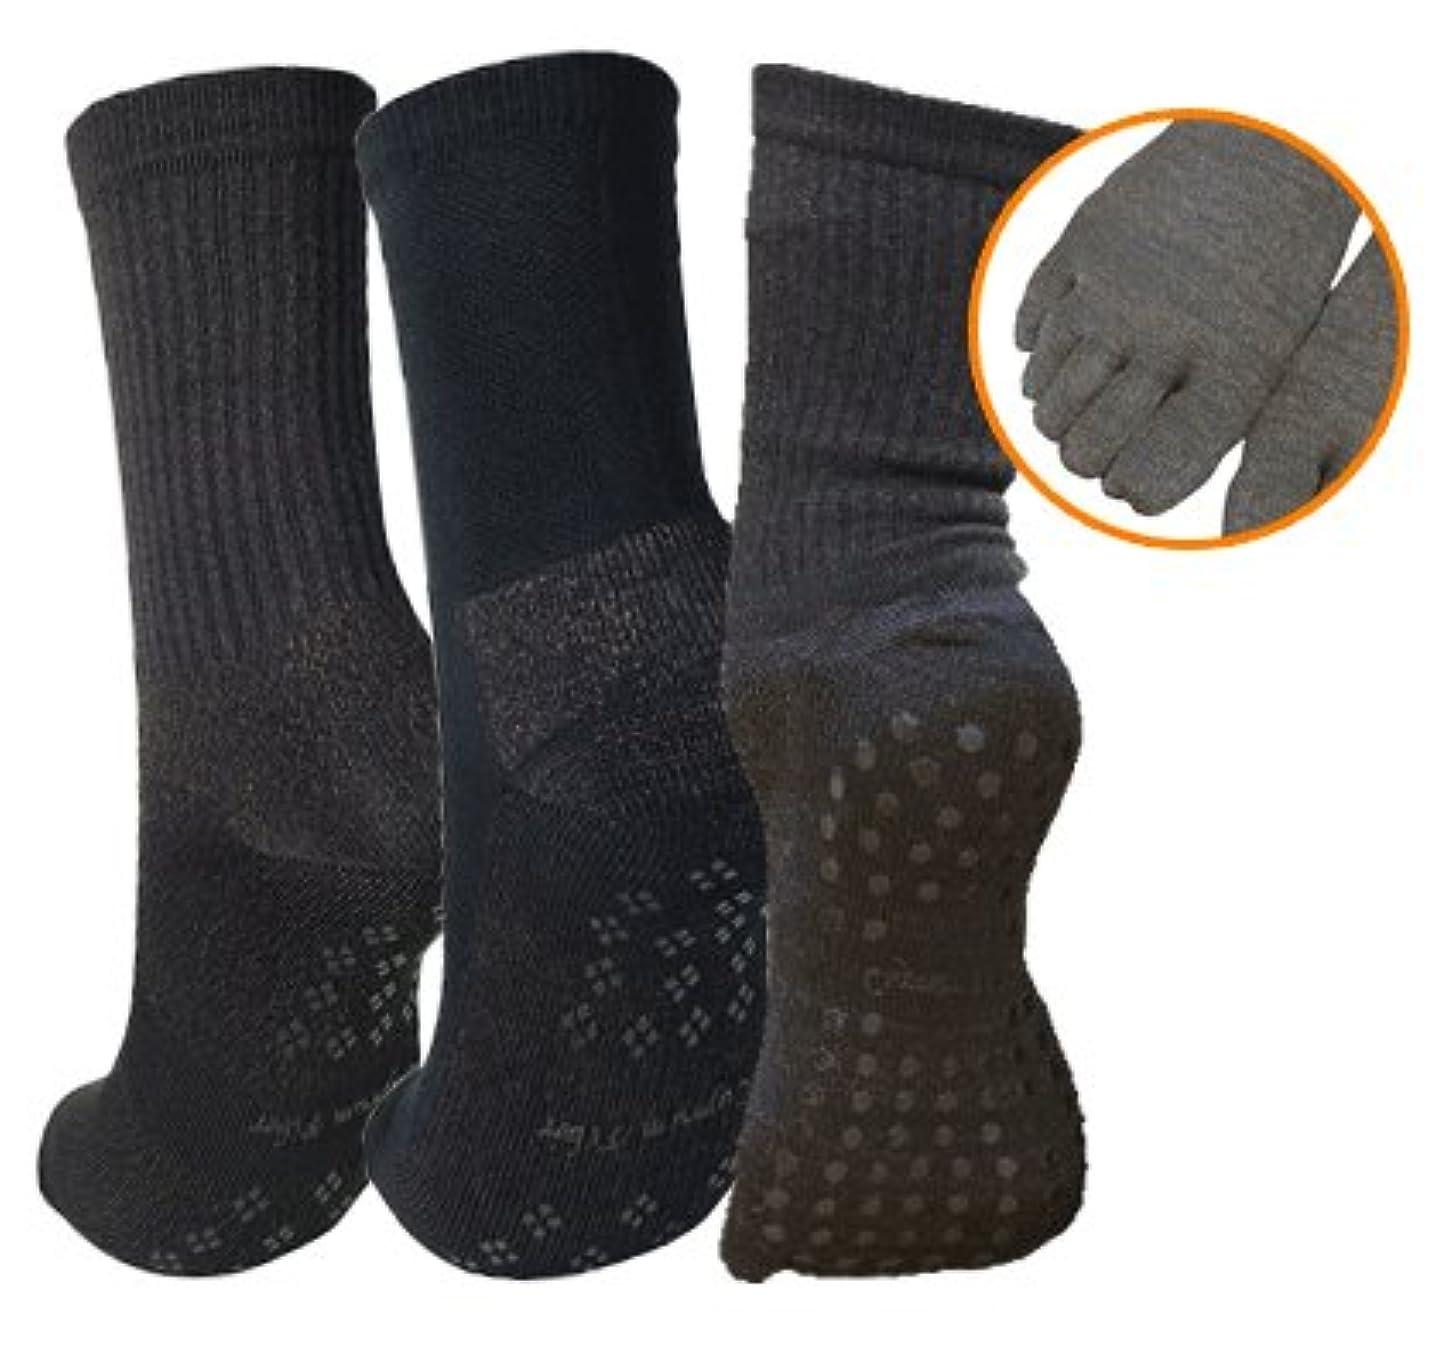 病陽気な場合銅繊維靴下「足もとはいつも青春」 女性専用お得お試し3点セット 【しもやけ対策に】